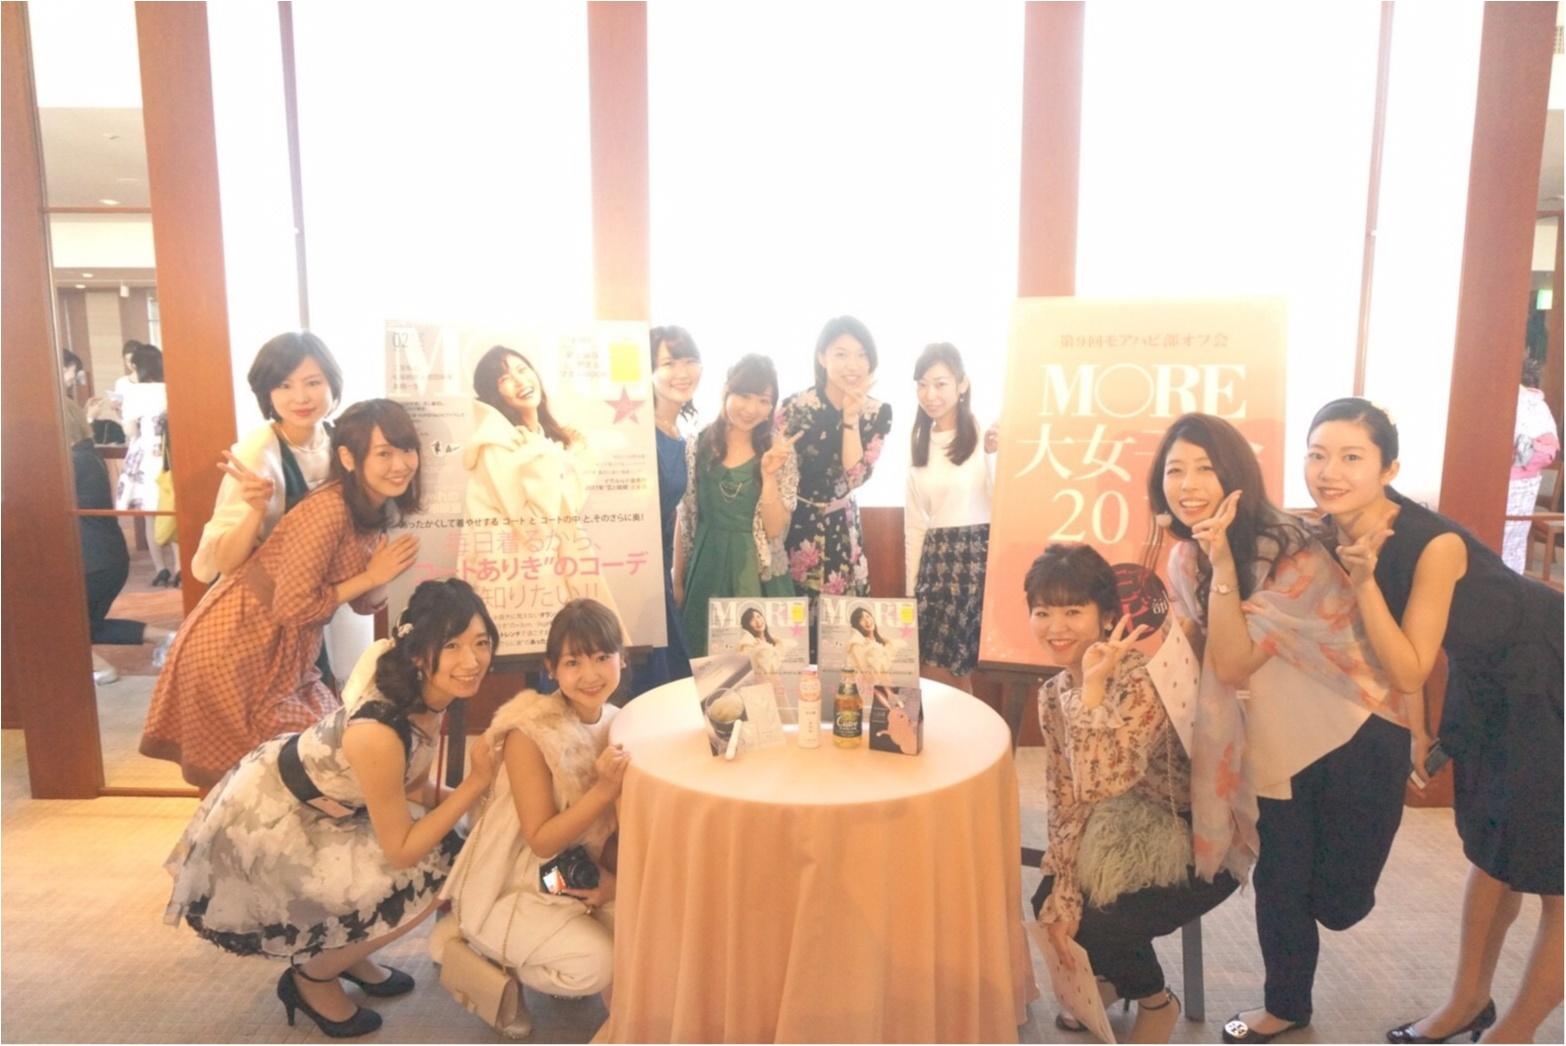 おしゃれ部員大集合!!年に一度のお楽しみ♡モアハピ大女子会byじゅな_17